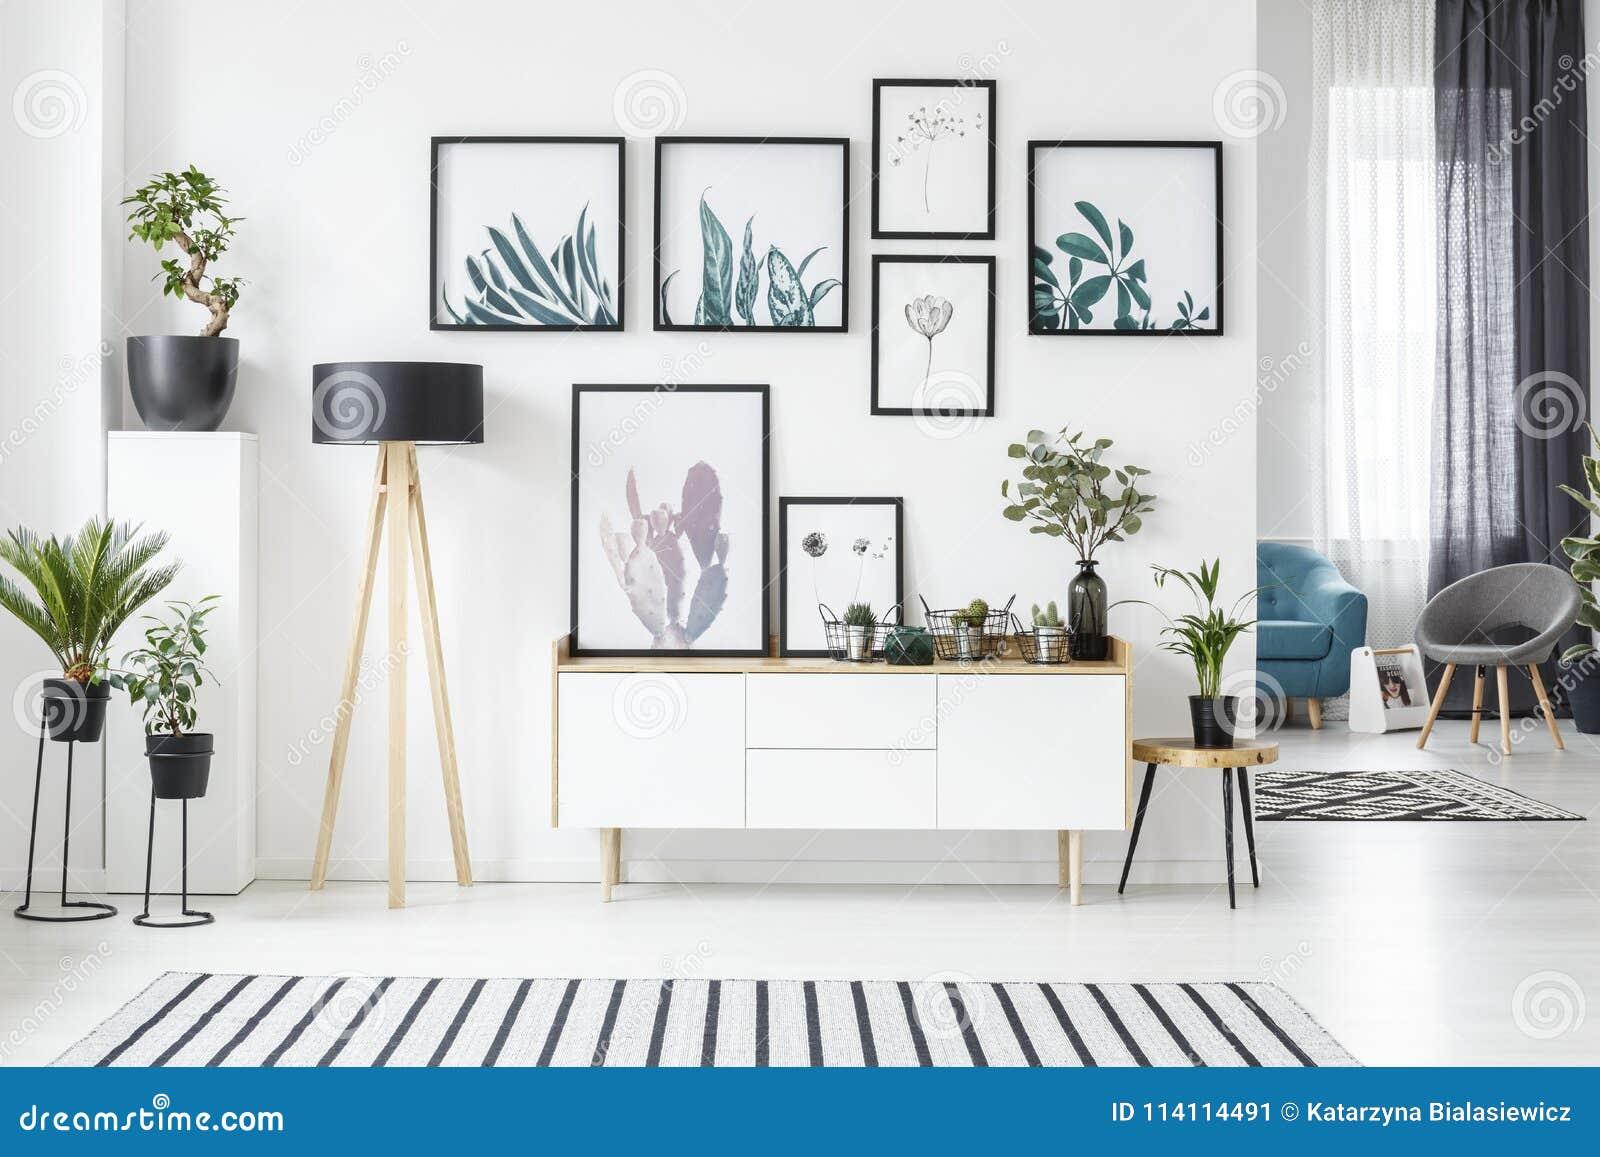 Plakaty w żywym pokoju